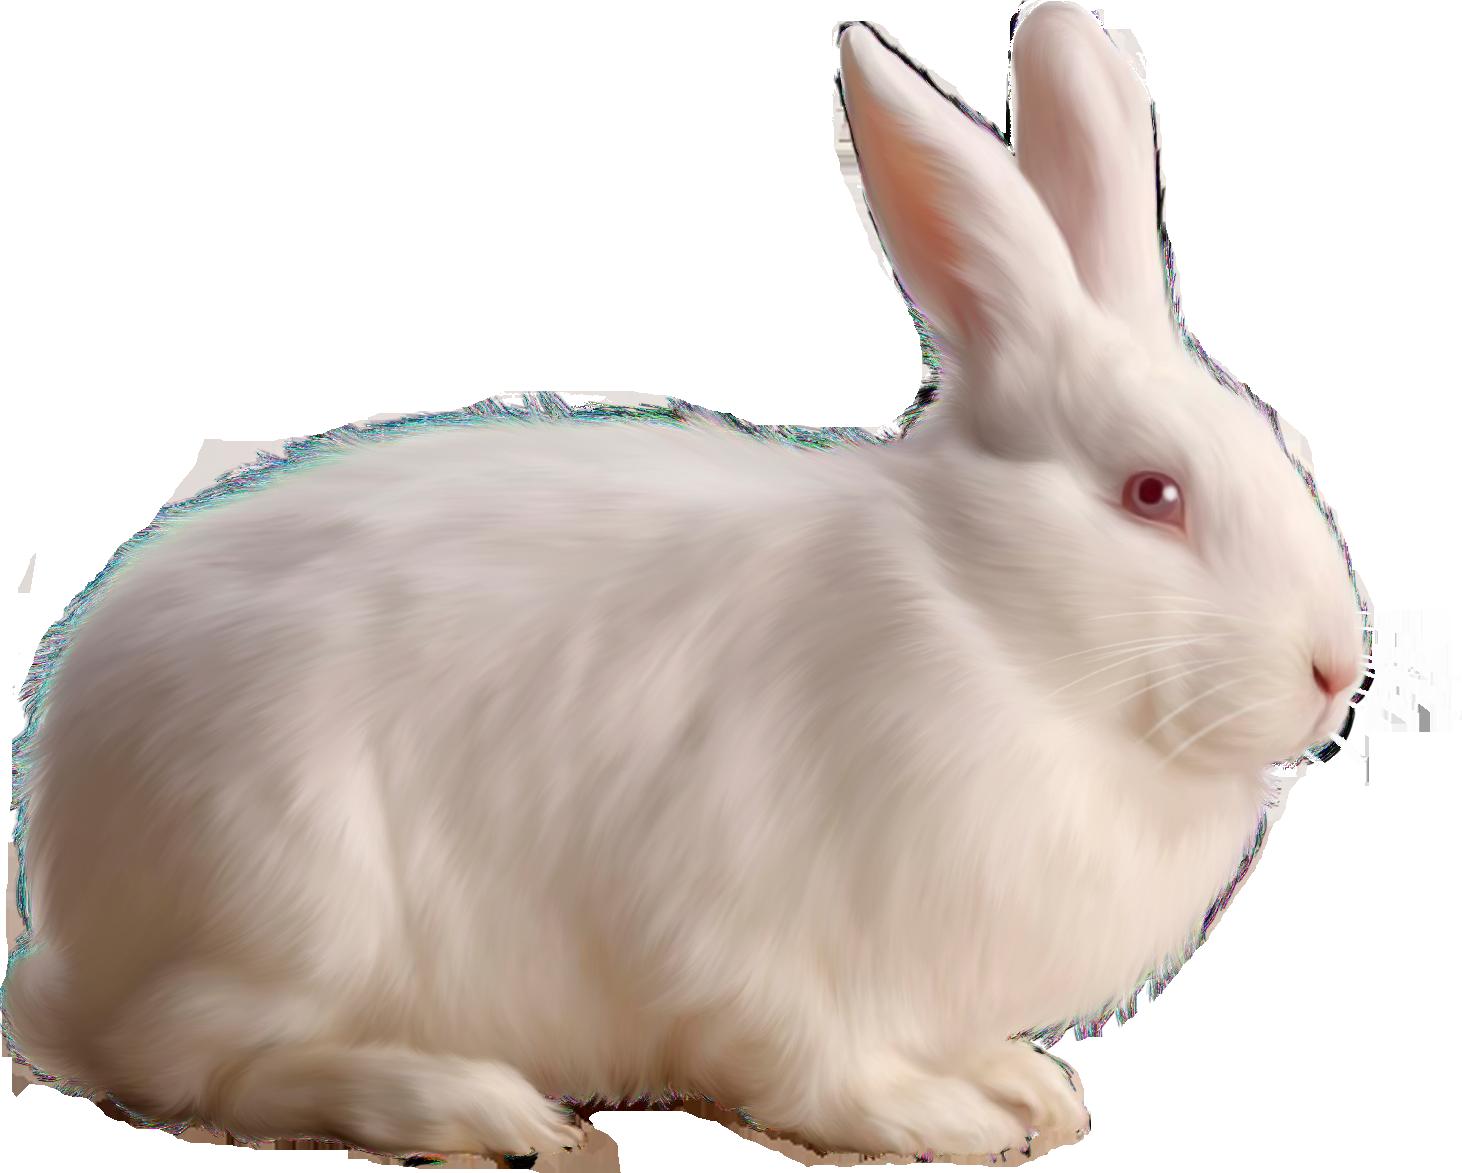 Albino Rabbit Png Image Rabbit Colors Rabbit Png Albino Rabbit